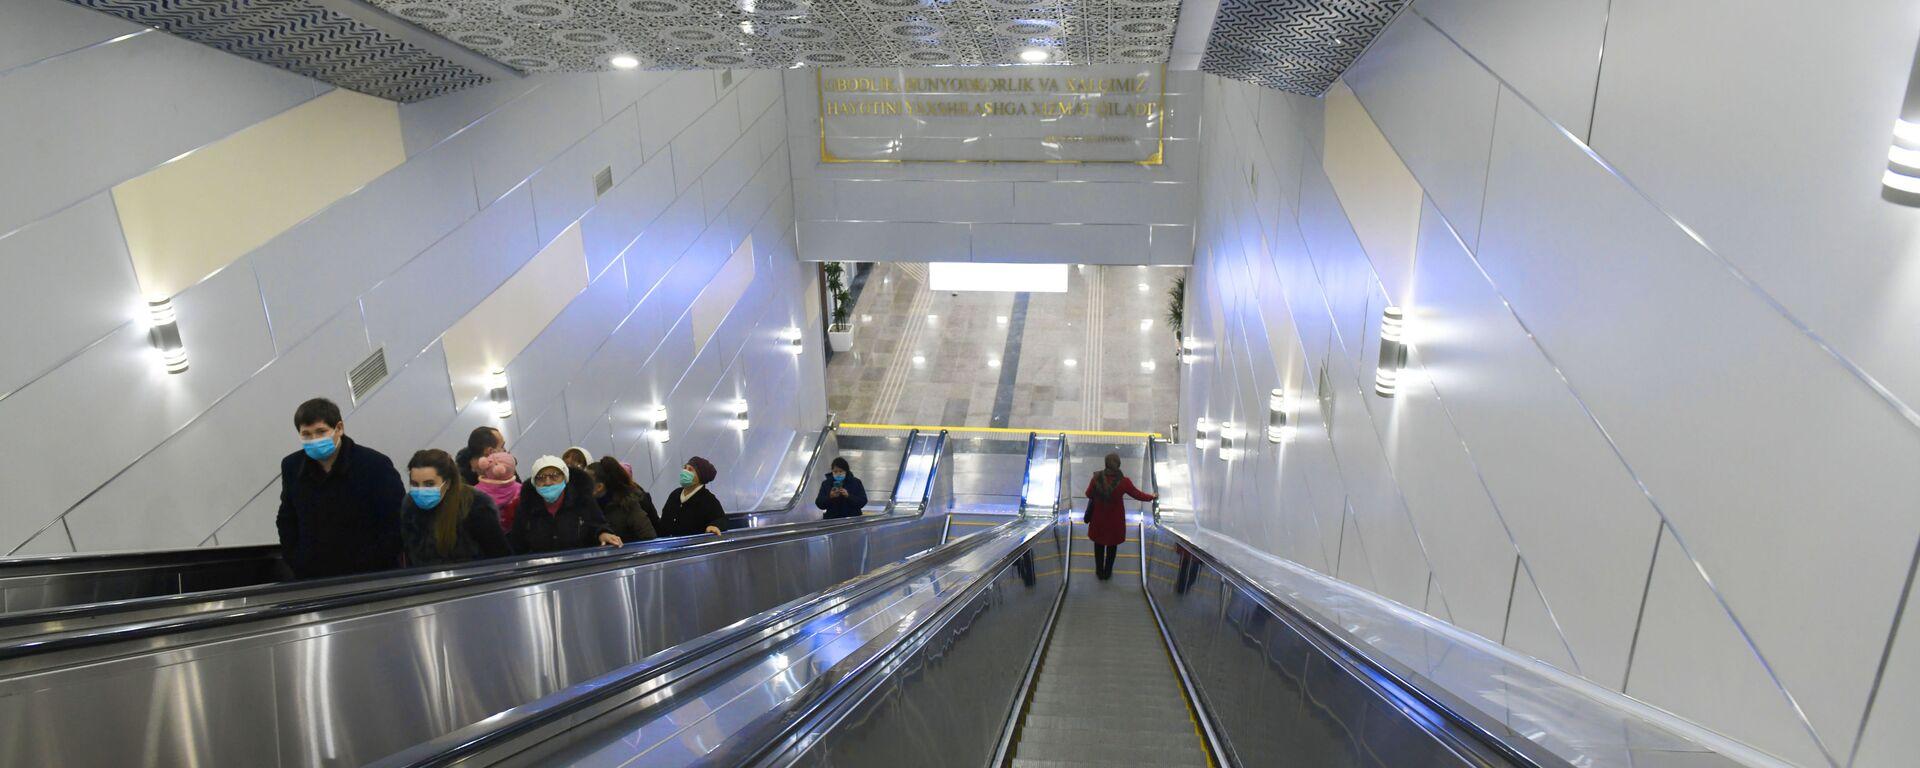 Первые пассажиры сергелийской линии Ташкентского метрополитена - Sputnik Узбекистан, 1920, 26.05.2021